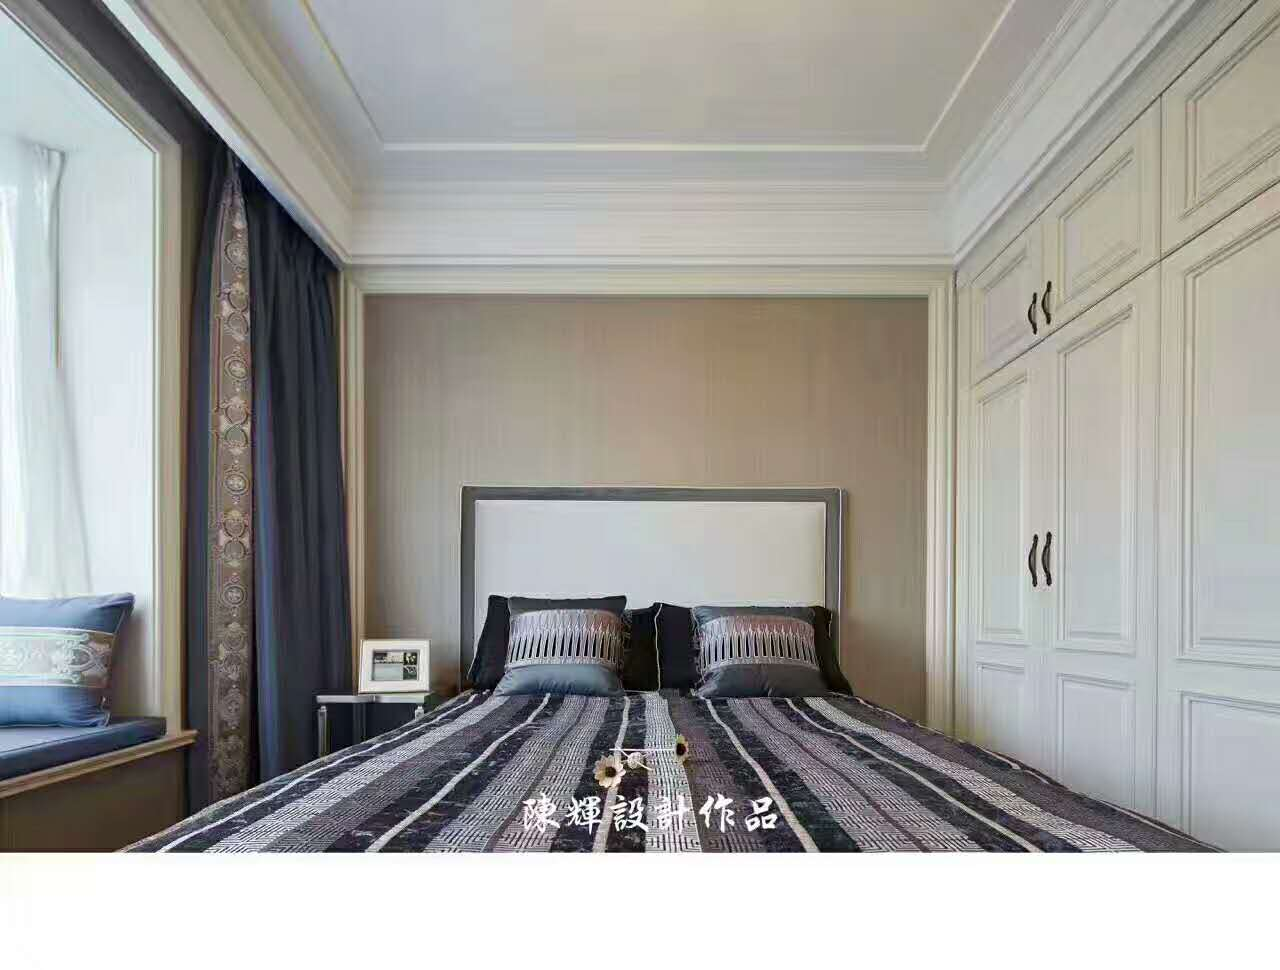 卧室图片来自日升嬛嬛在西市佳境四居室现代美式风格装修的分享